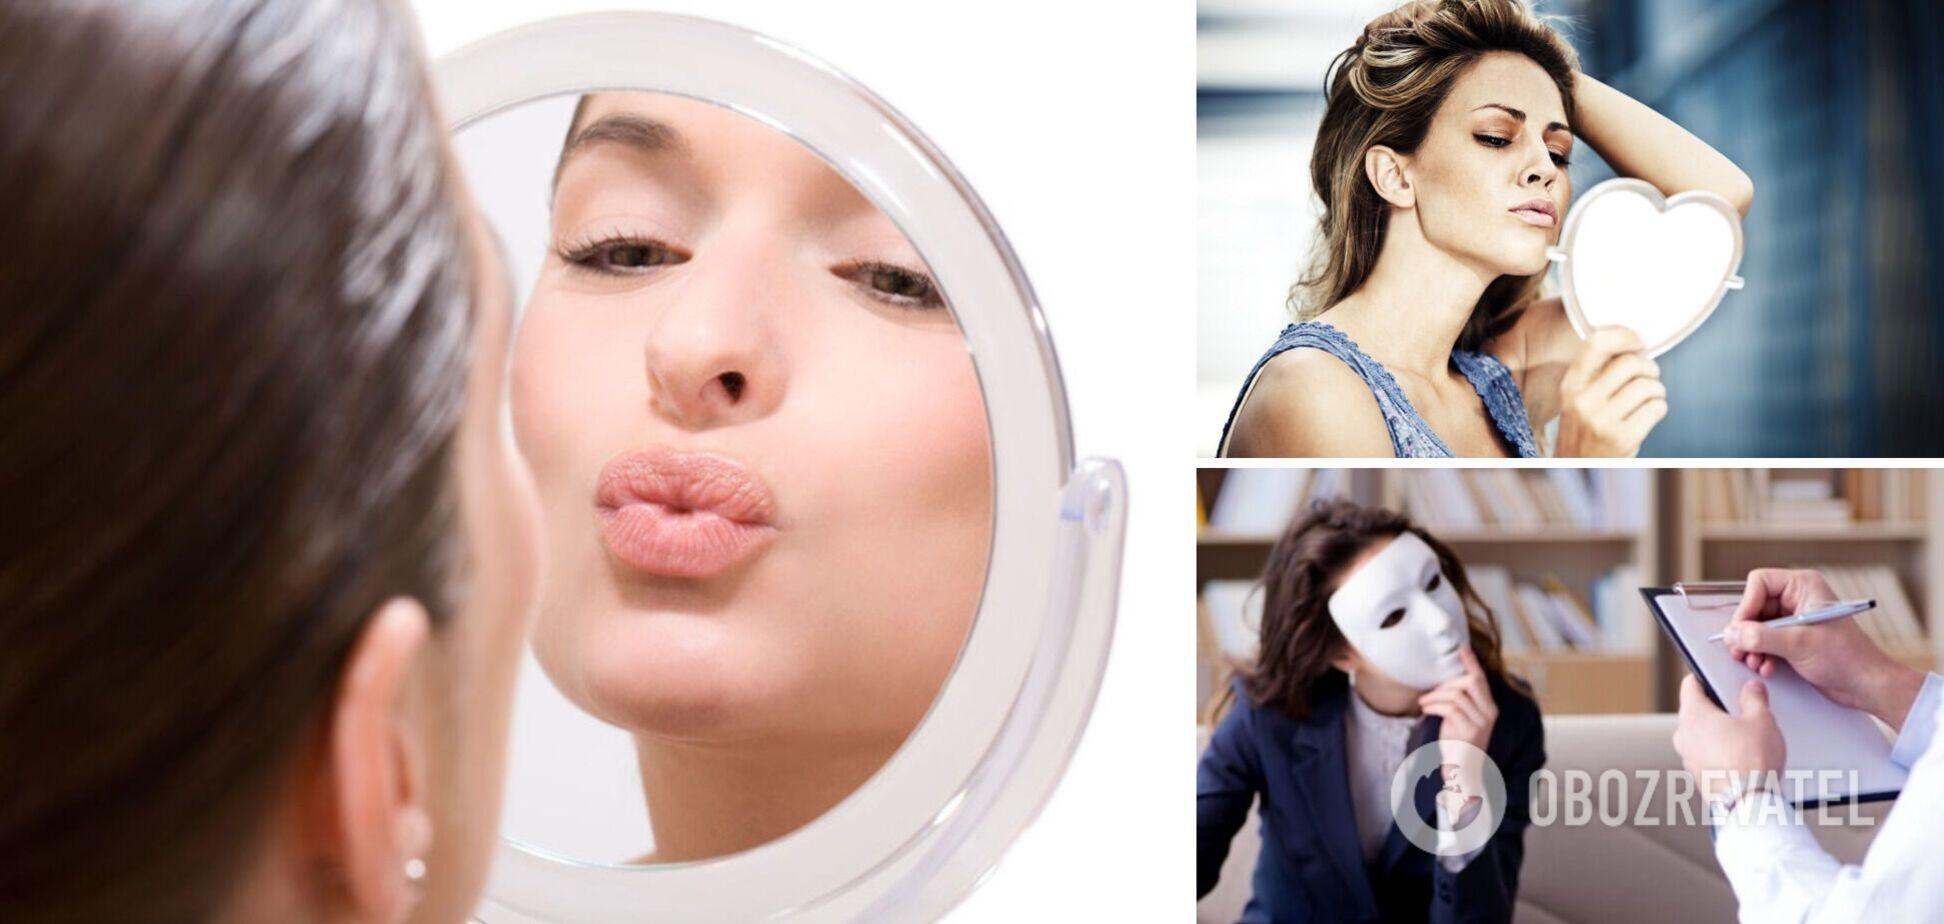 Три знака зодиака склонны к нарциссизму: считают себя лучшими